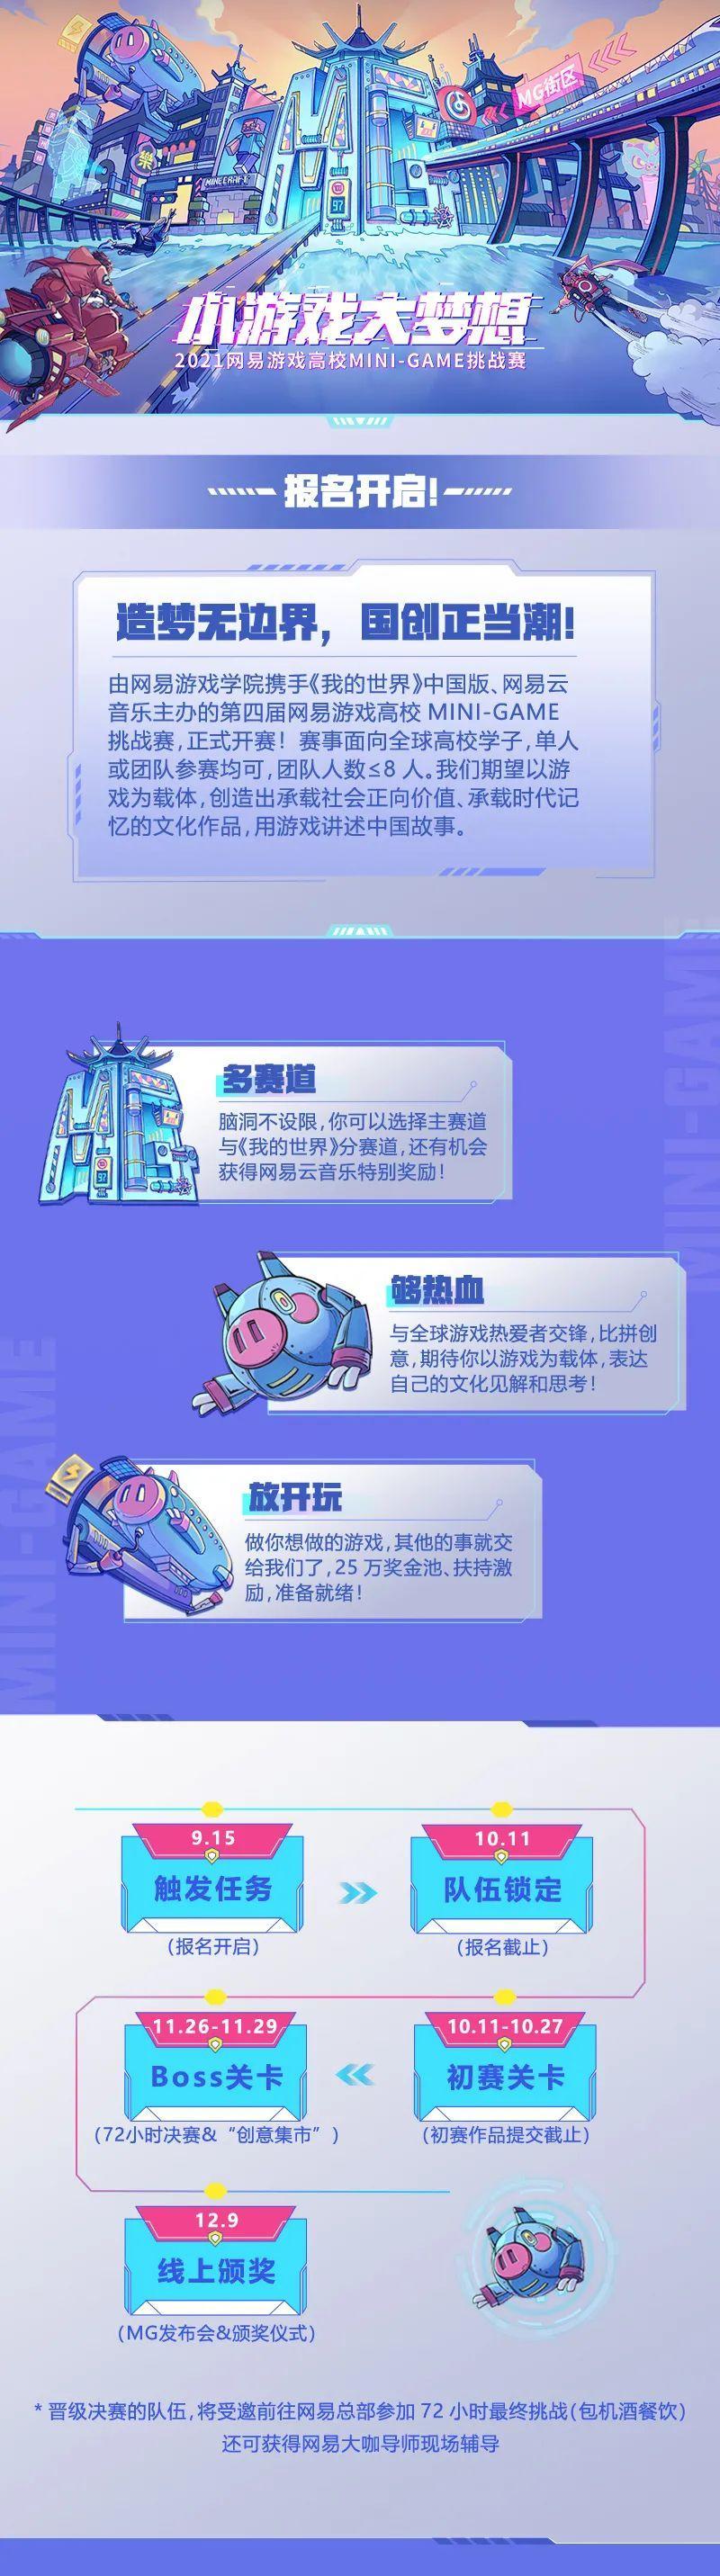 2021网易游戏高校MINI-GAME挑战赛报名开启